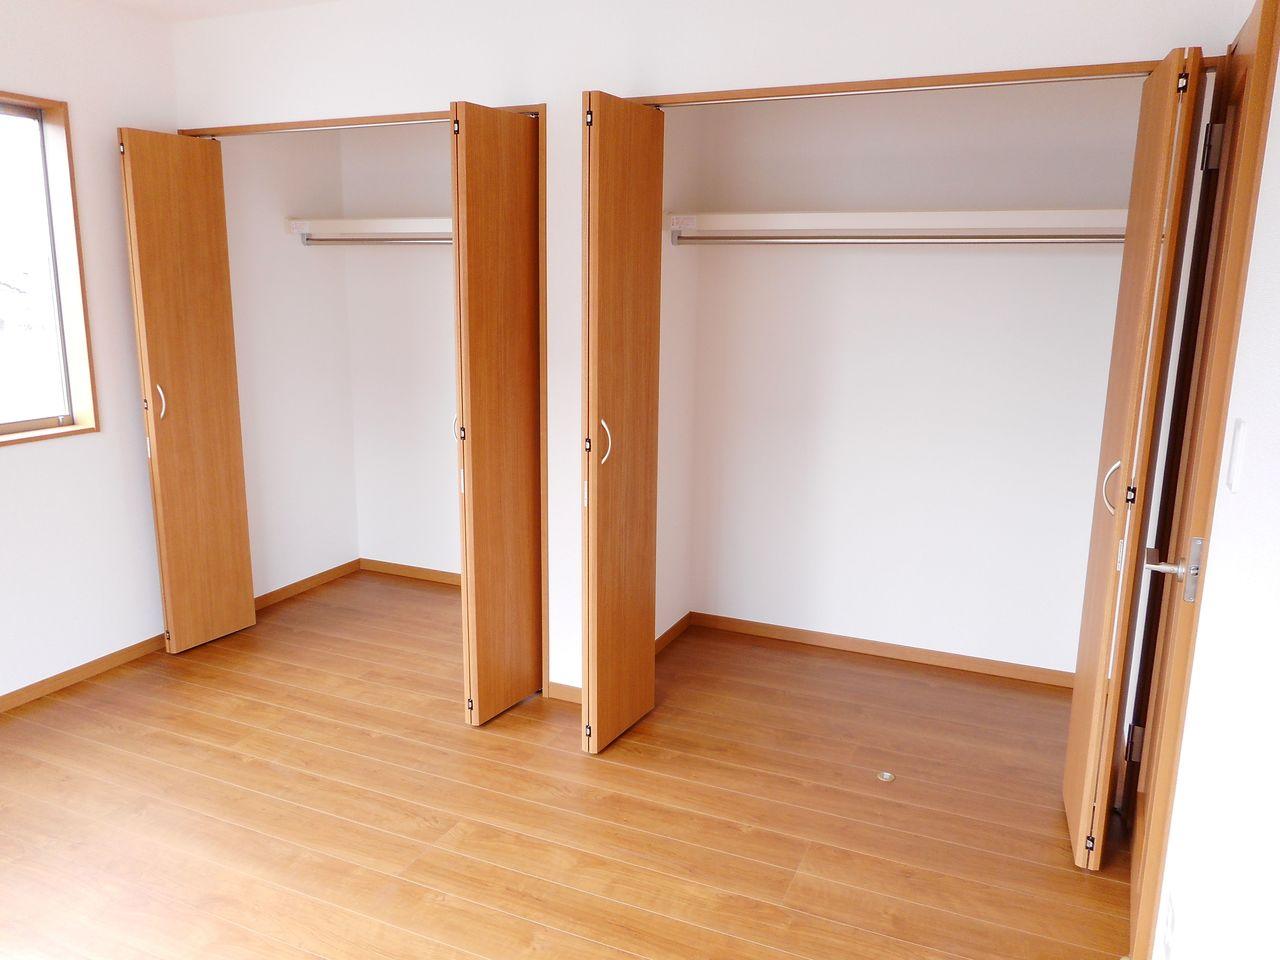 全ての洋室にクローゼットを設置。 沢山の衣類や小物もすっきり収納できますね。 (同仕様)